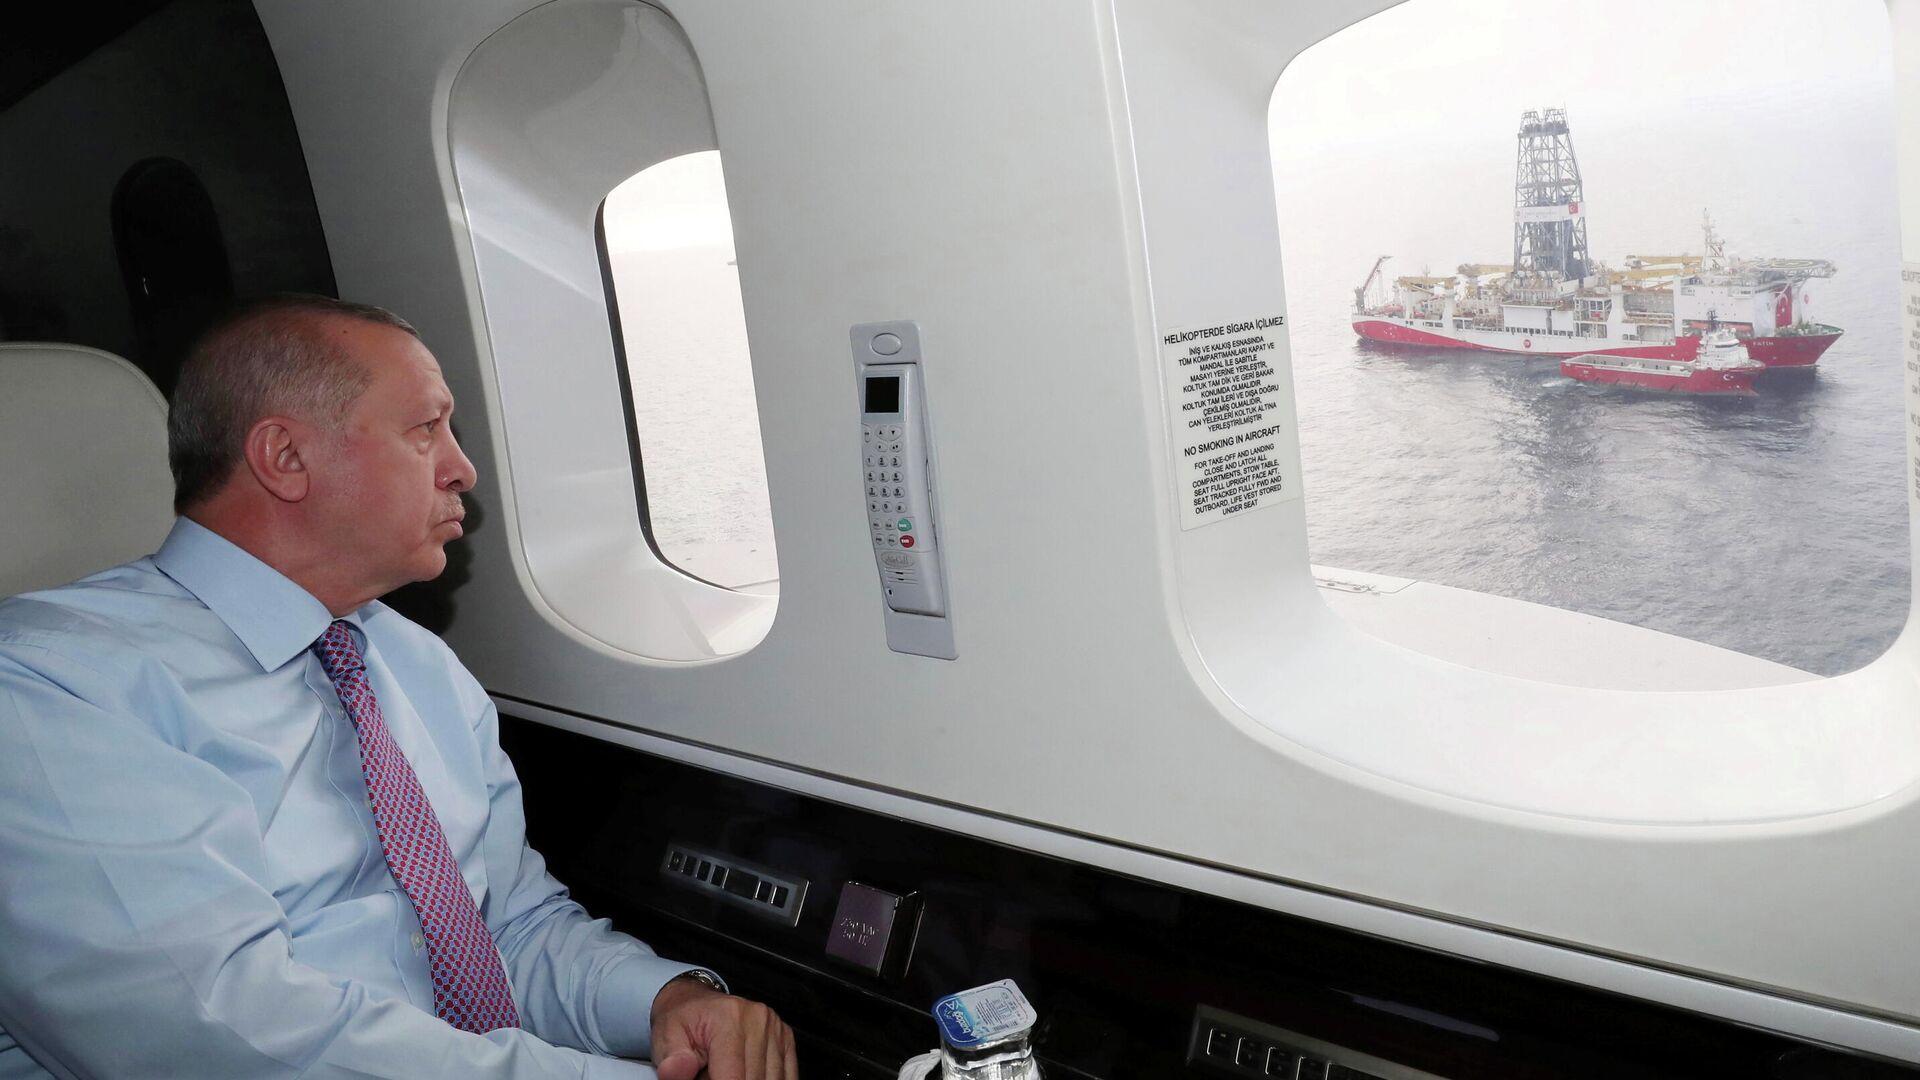 Президент Турции Тайип Эрдоган смотрит на буровое судно Fatih со своего вертолета, Турция. 17 октября 2020 - РИА Новости, 1920, 17.10.2020